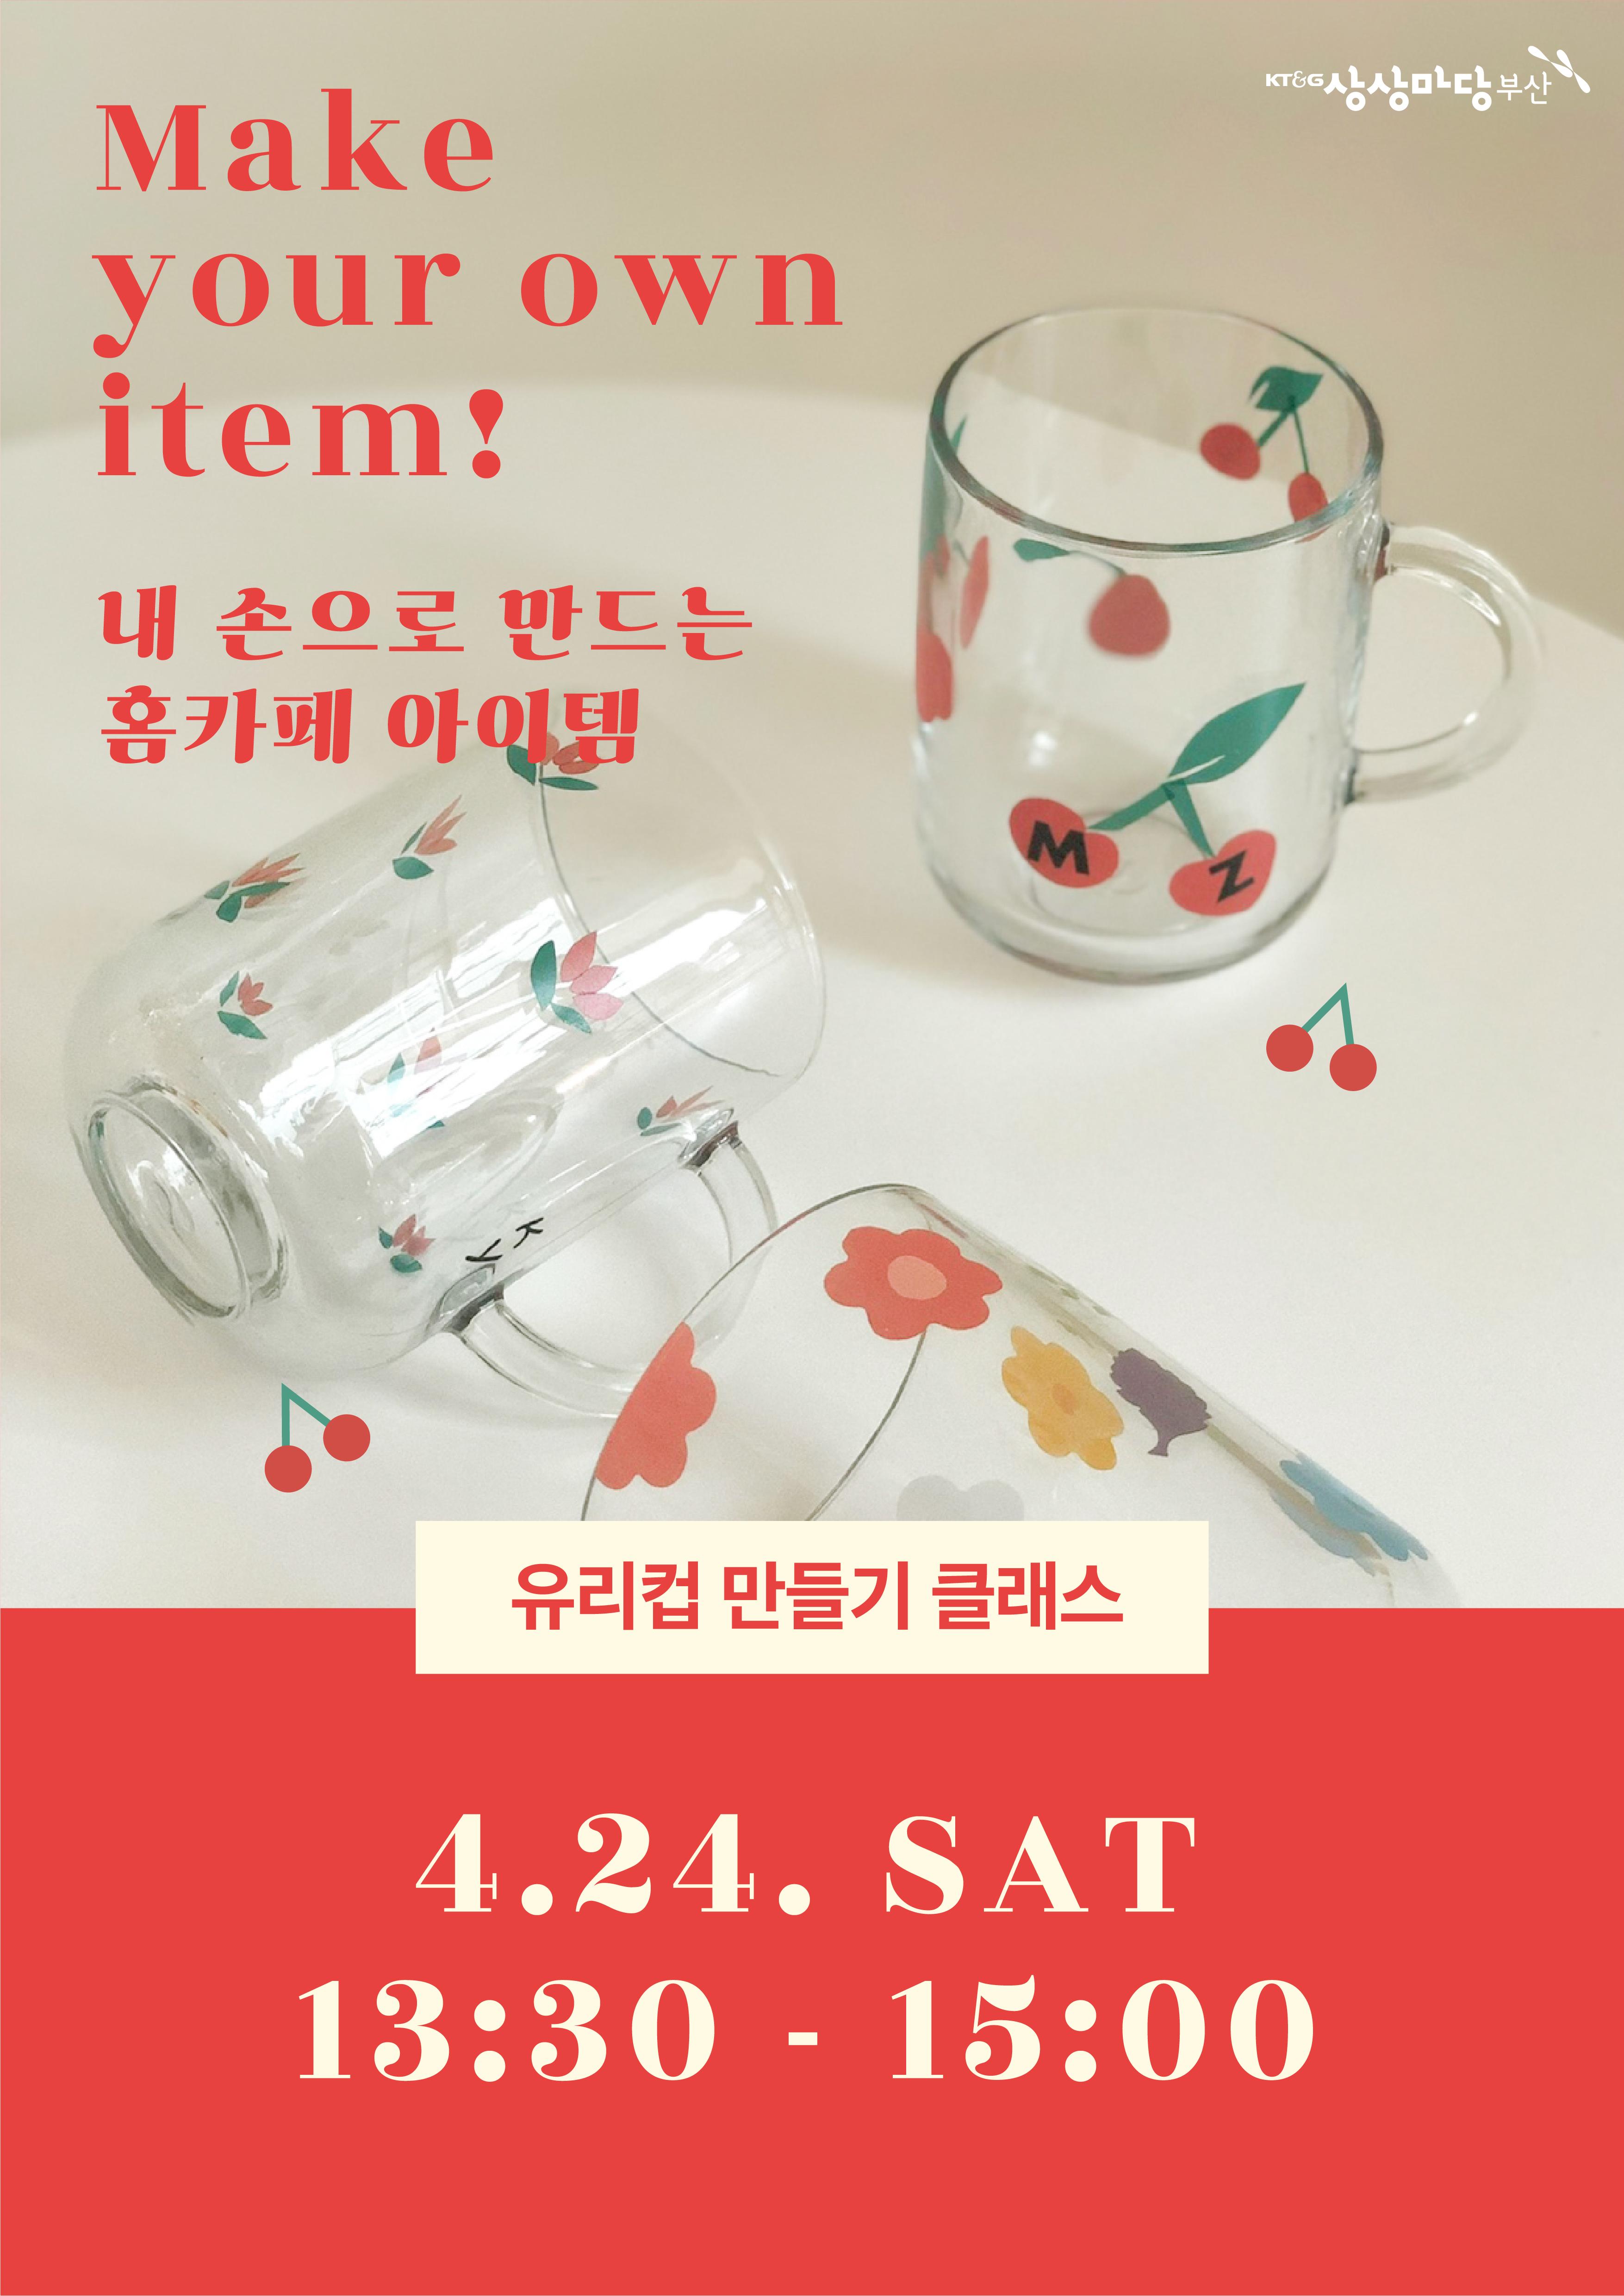 유리컵 만들기 클래스 - 4월 24일 (토) 13:30-15:00